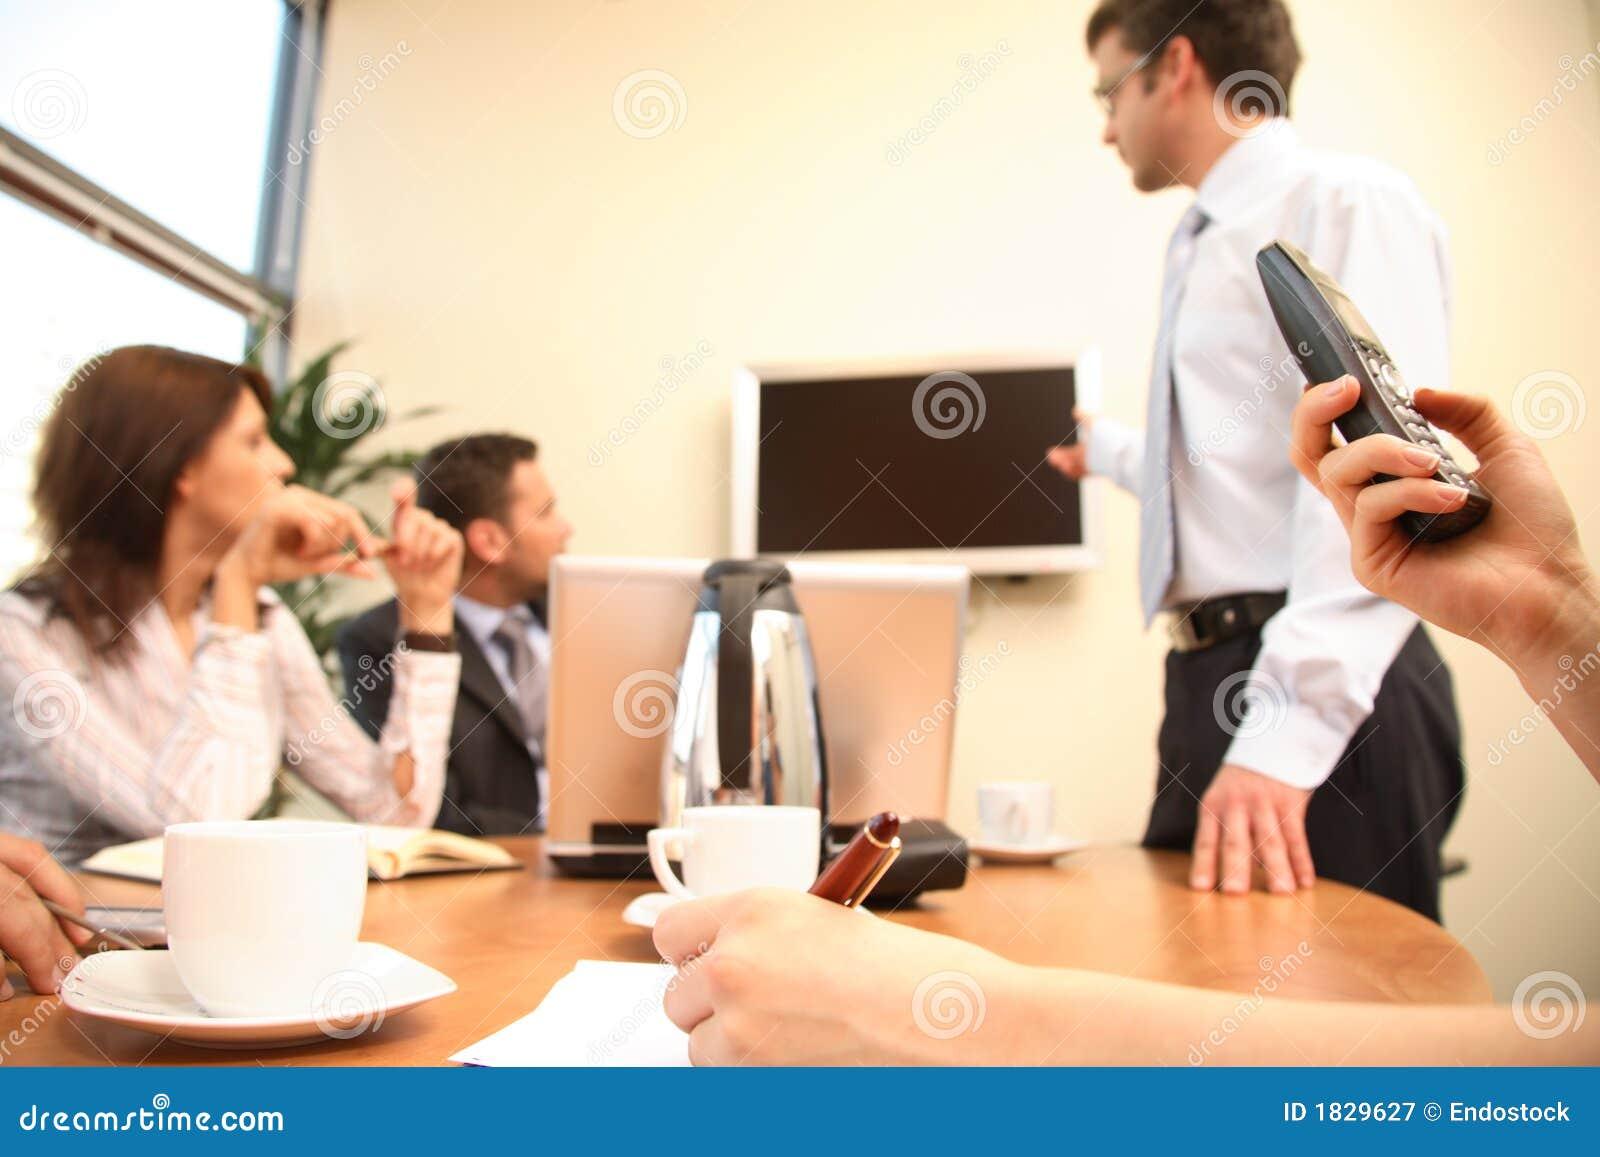 Équipez effectuer la présentation sur l écran de TV au groupe de personnes